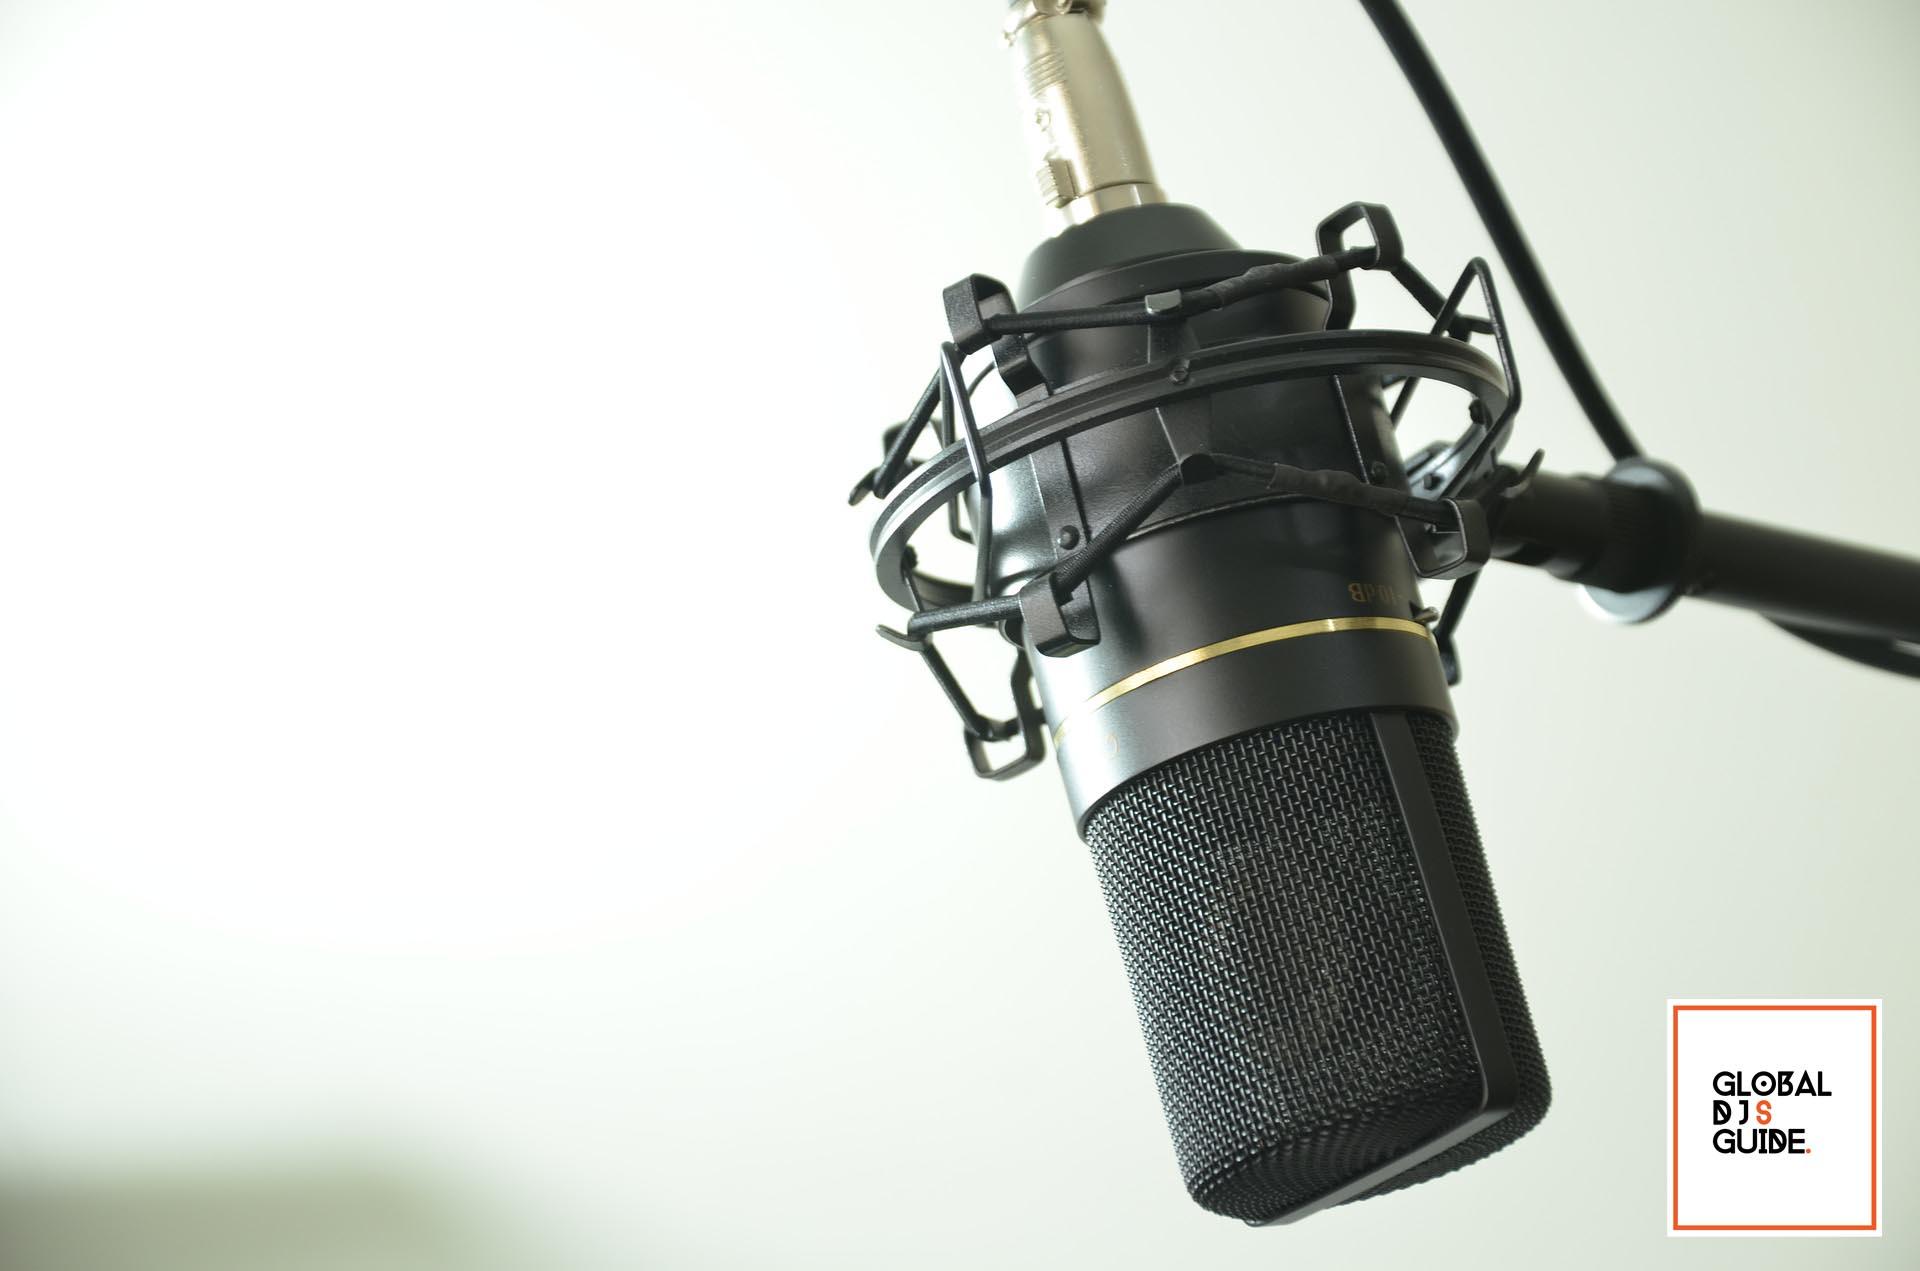 the best studio microphones under 300 globaldjsguide. Black Bedroom Furniture Sets. Home Design Ideas